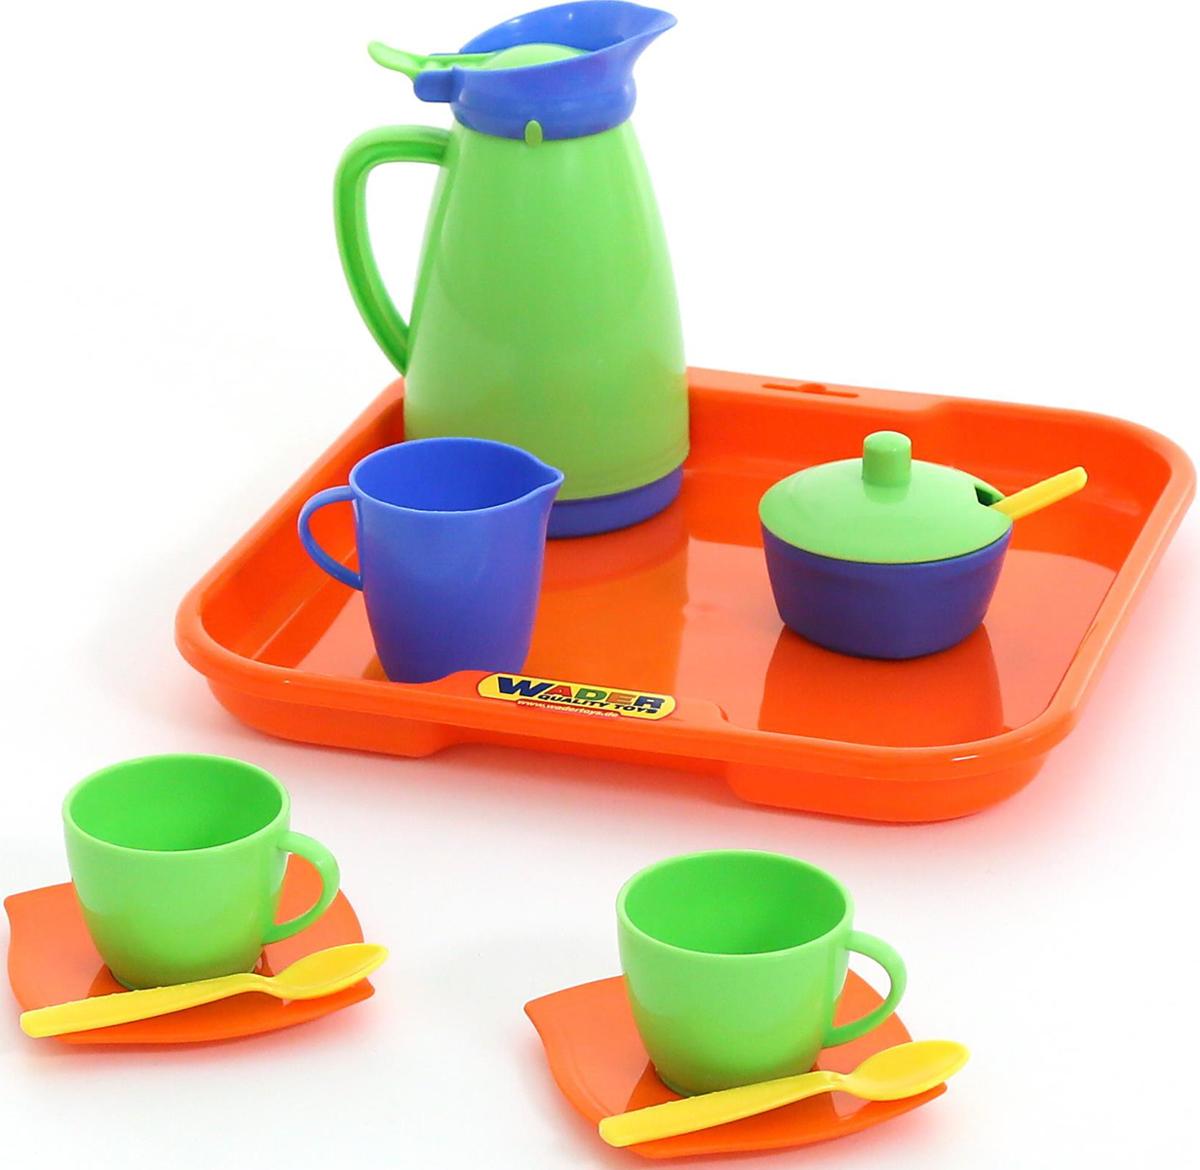 Полесье Набор игрушечной посуды Алиса 40572 полесье набор игрушечной посуды анюта 3865